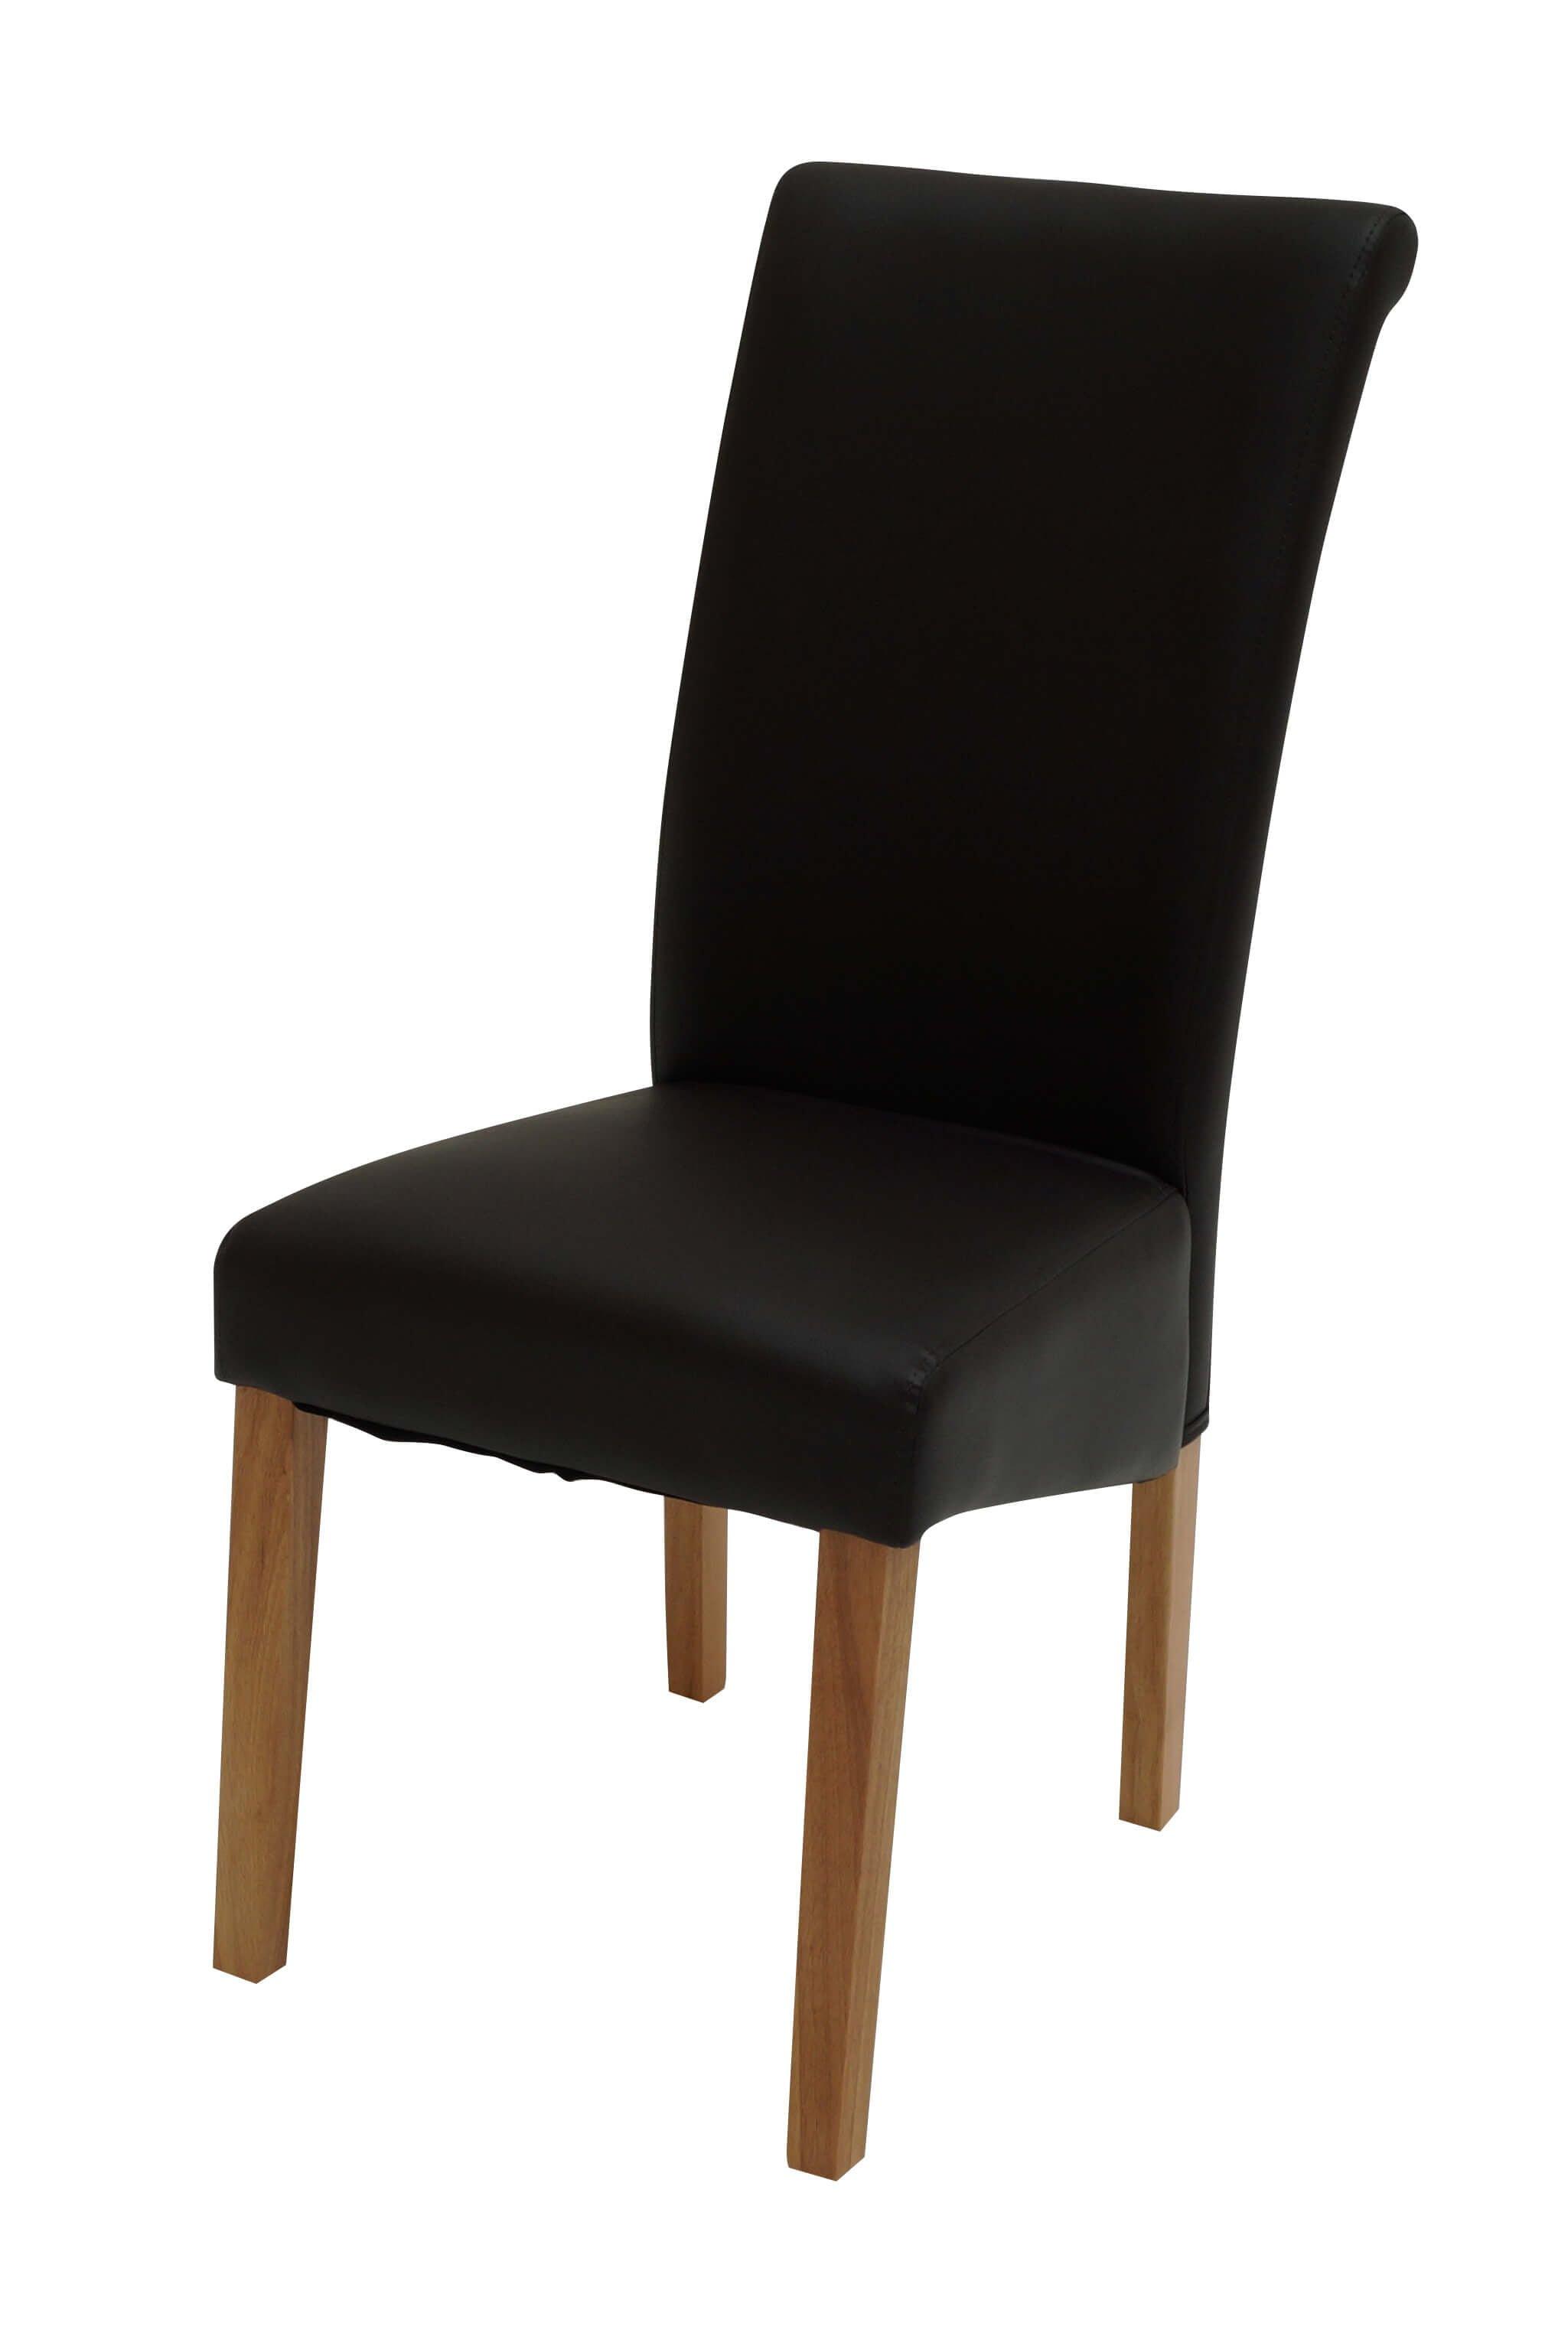 Sydney Walnut Leg Black Chair